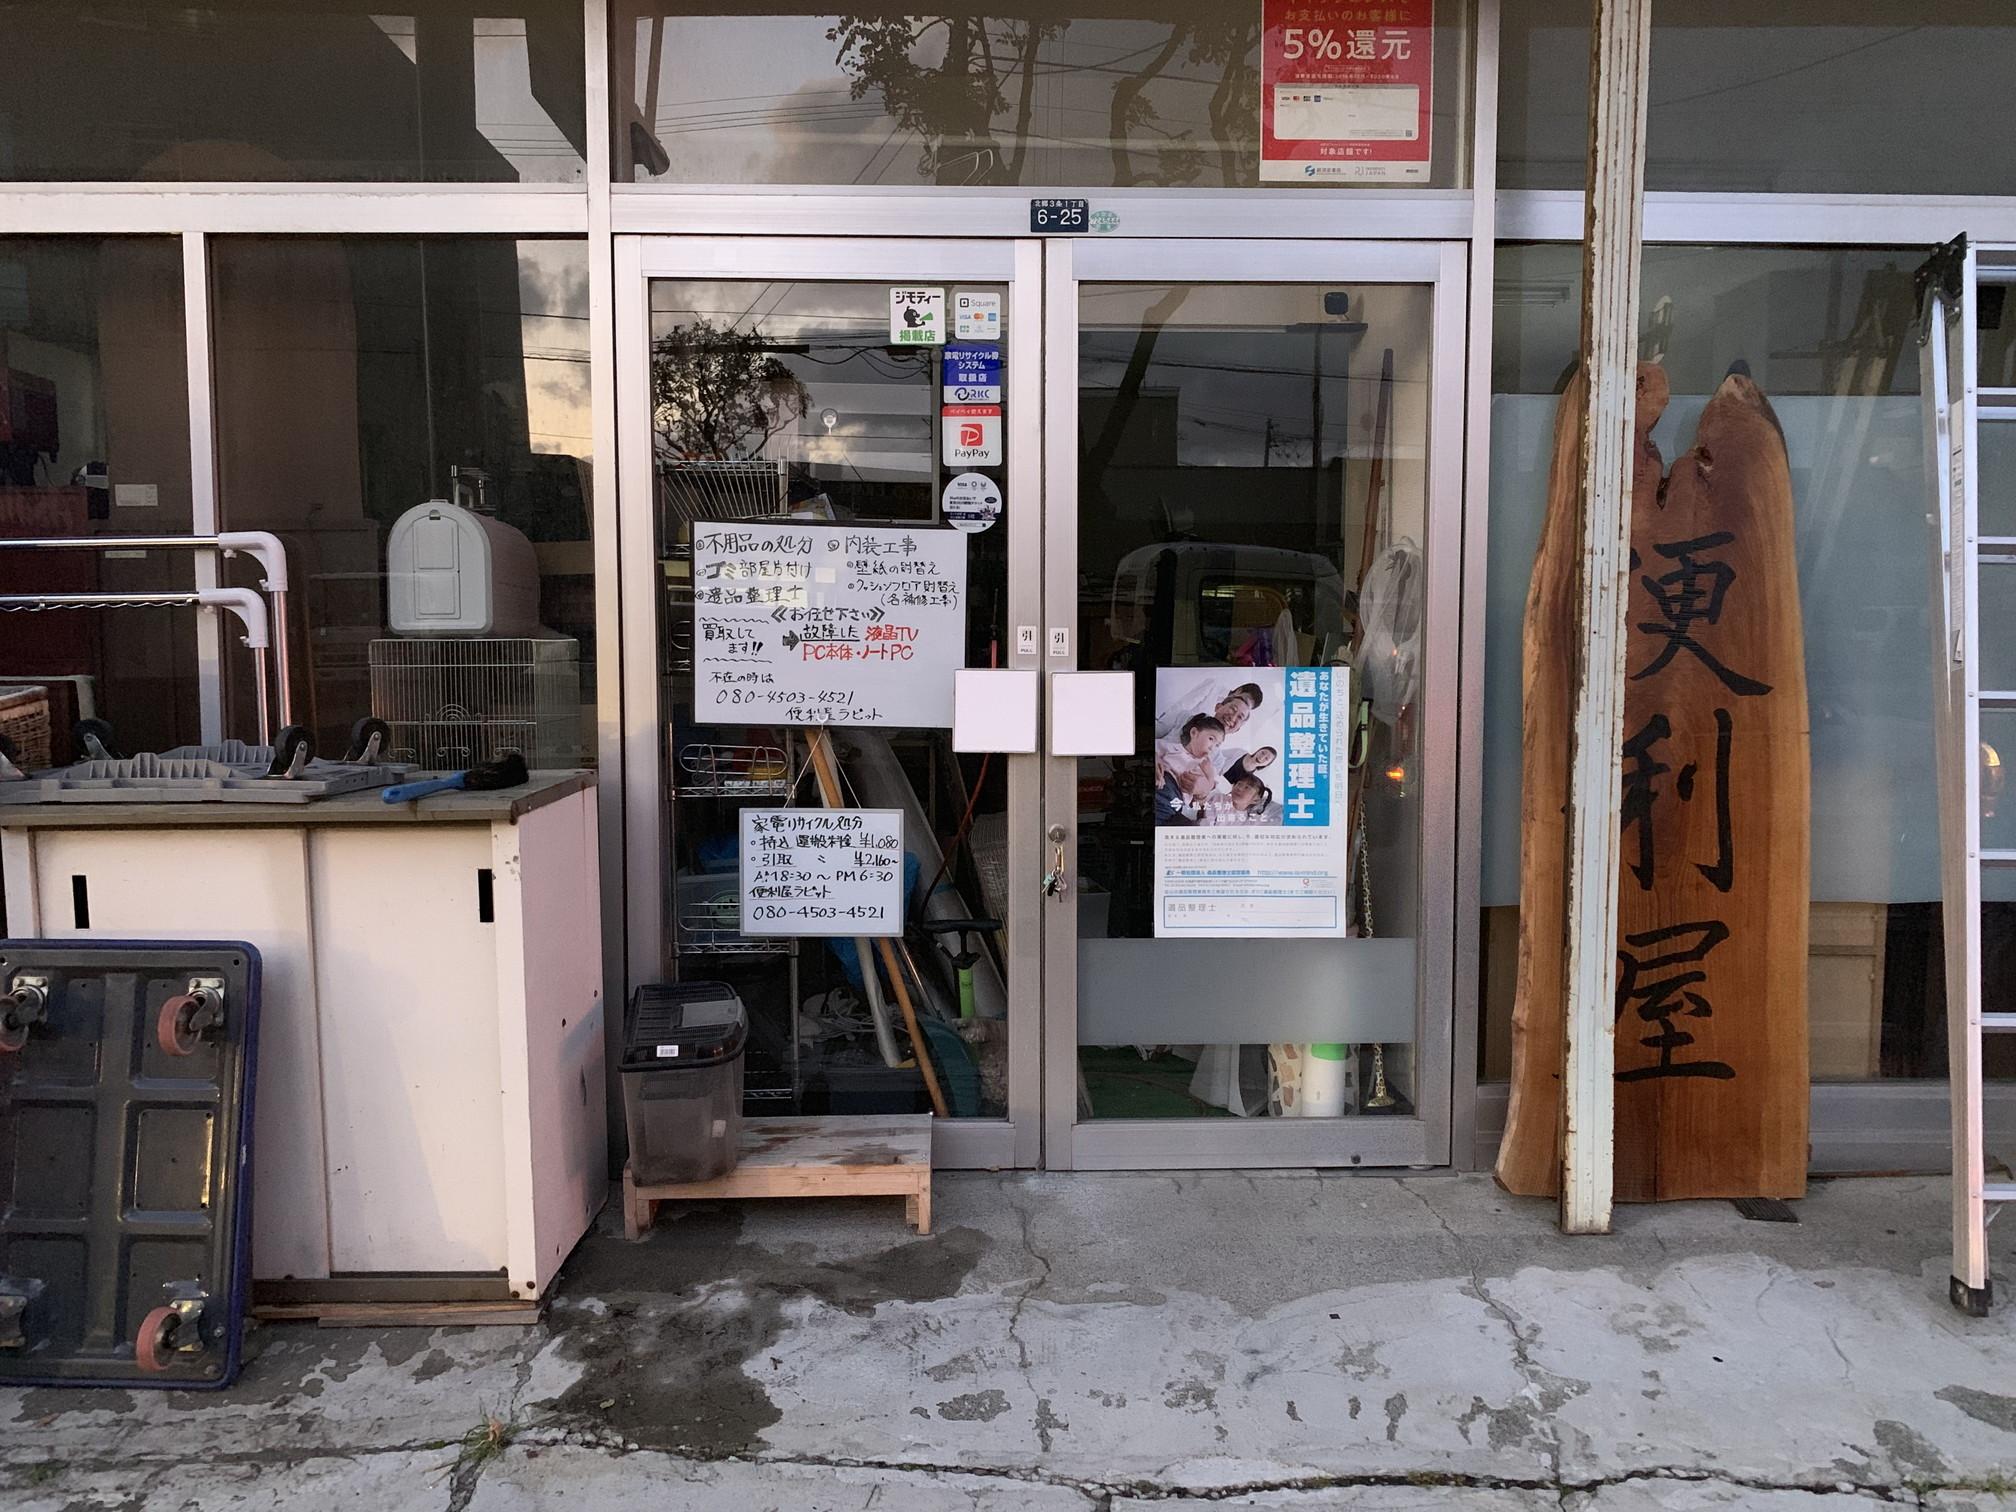 札幌市白石区の便利屋。買い物を依頼するなら当店へ